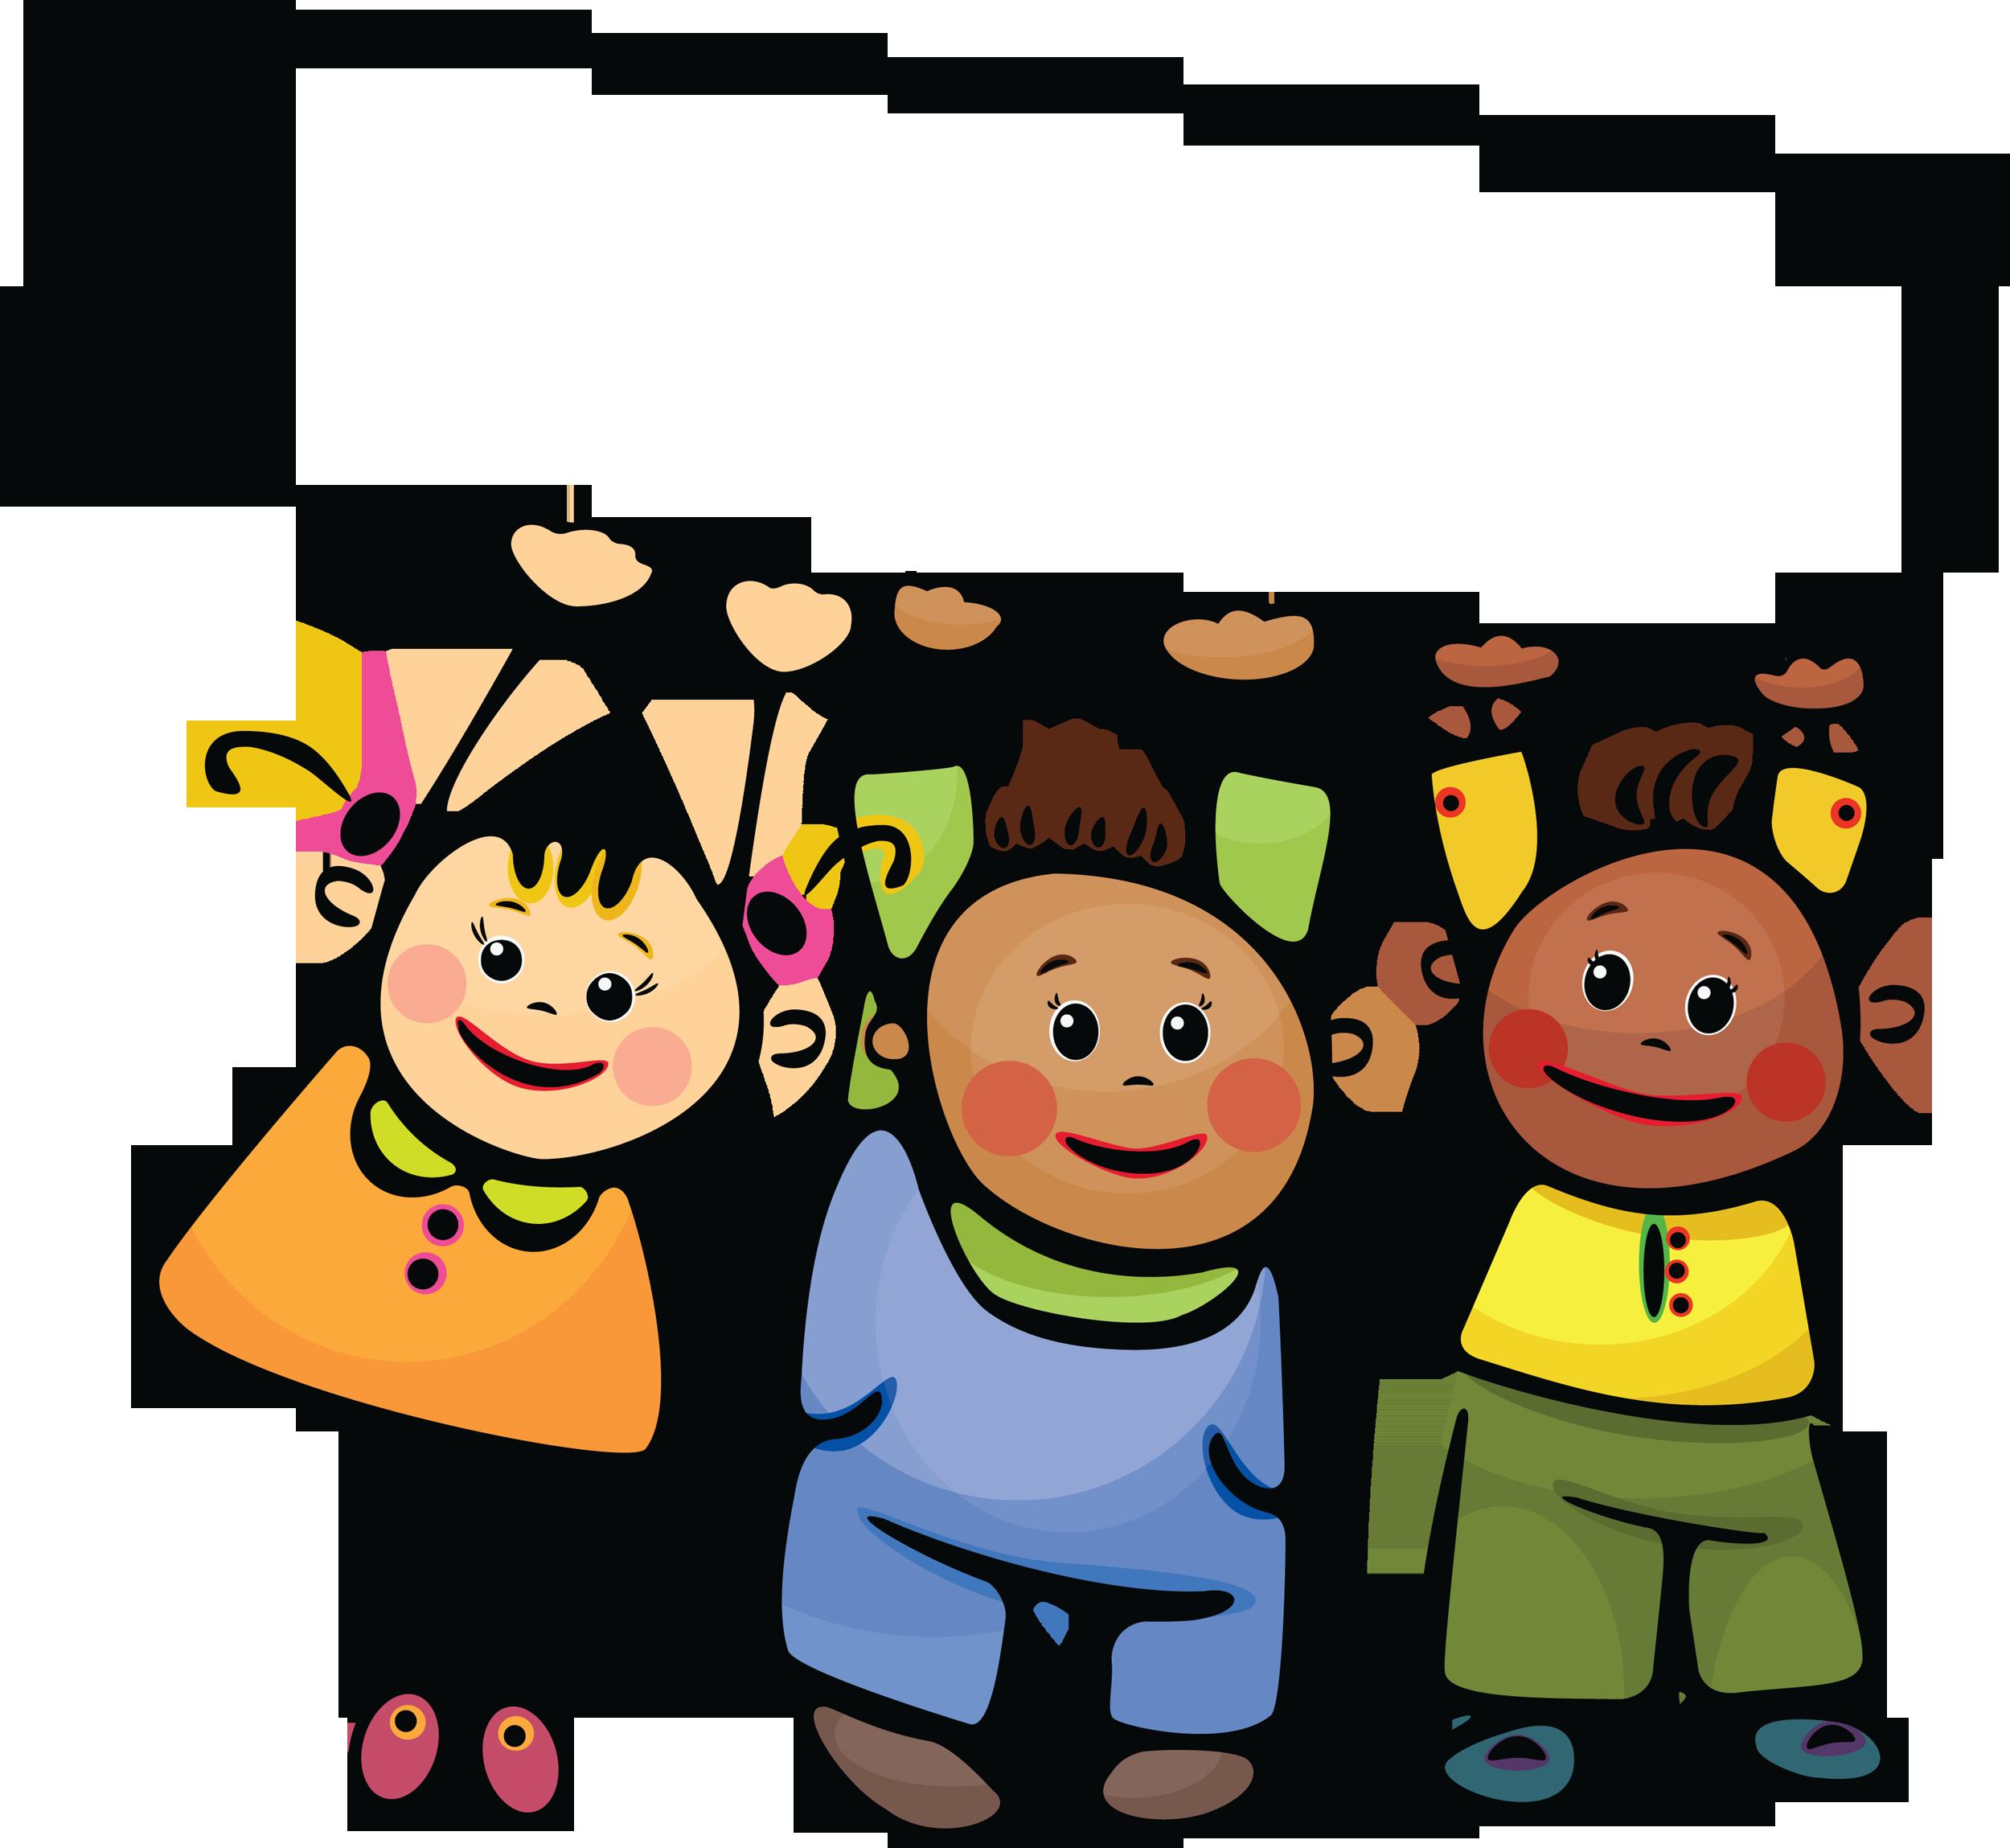 Картинки паровозик для детей на прозрачном фоне